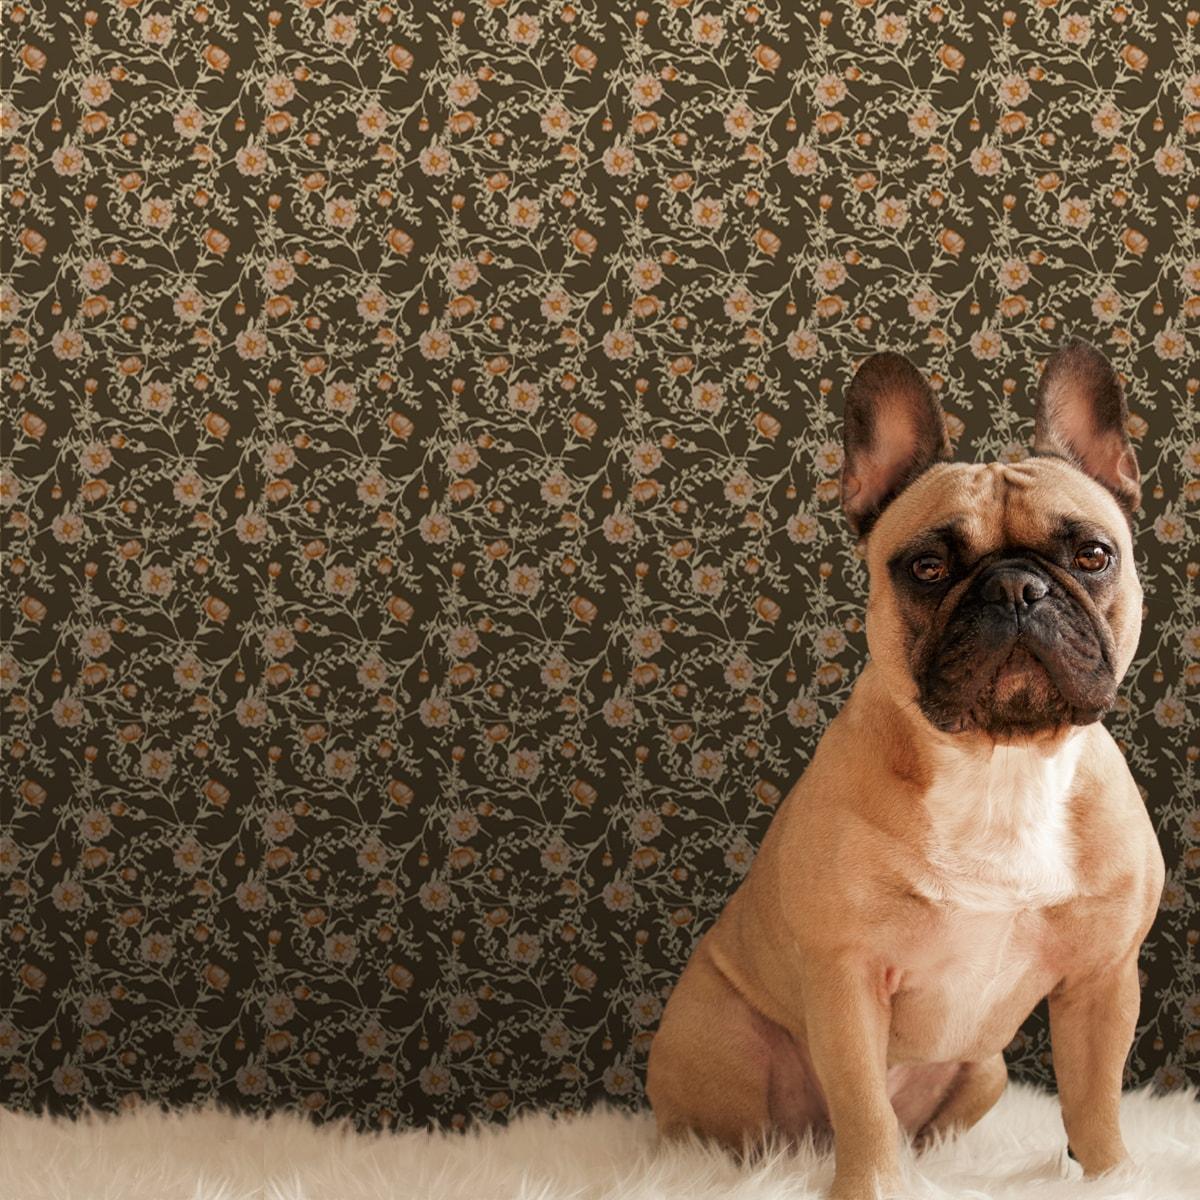 Wandtapete braun: Edle Blumentapete Printemps mit zarten Ranken in braun, Nostalgietapete für Ihr Zuhause